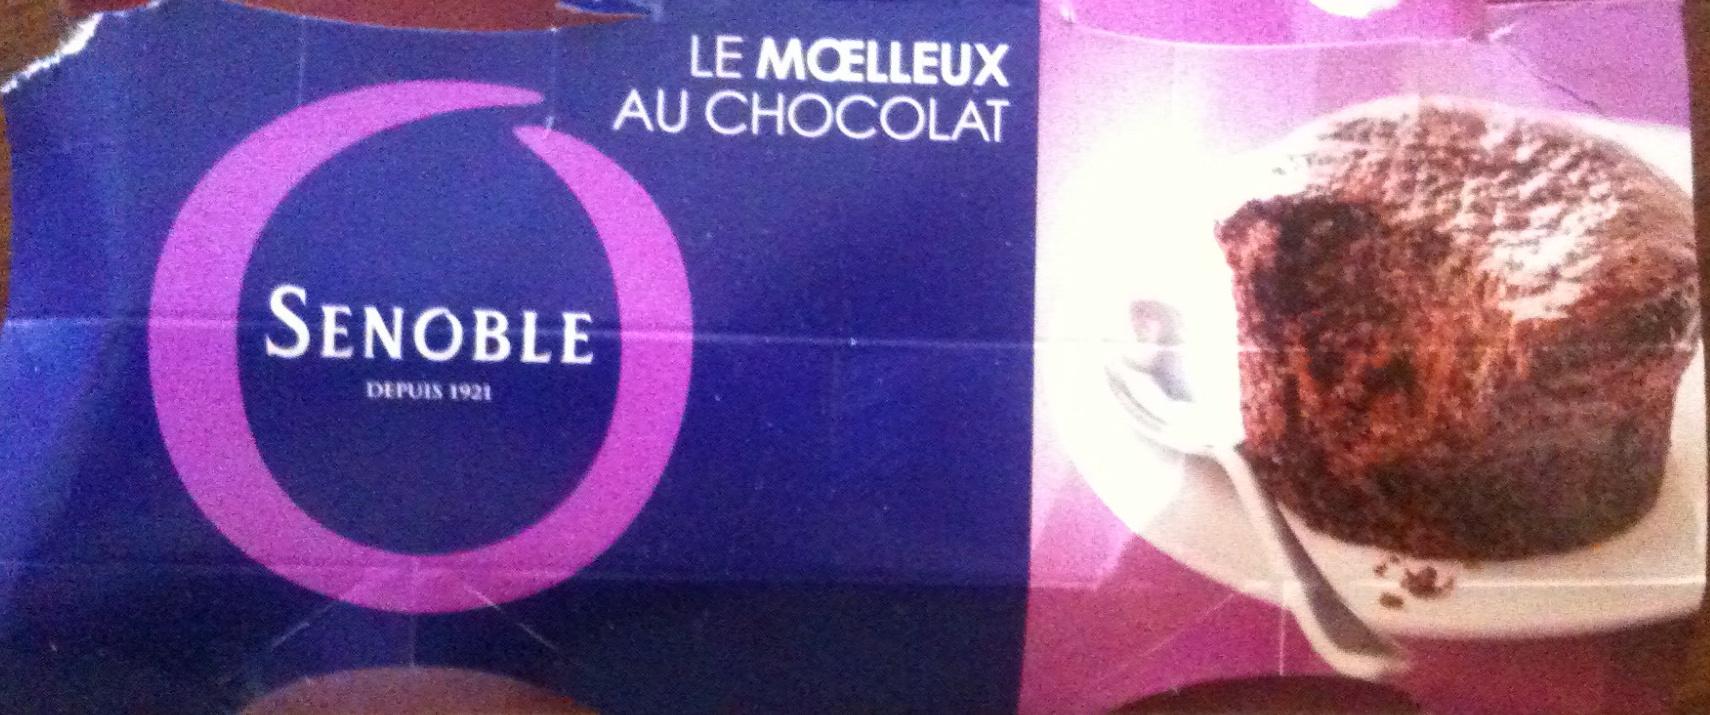 Le Moelleux au Chocolat - Product